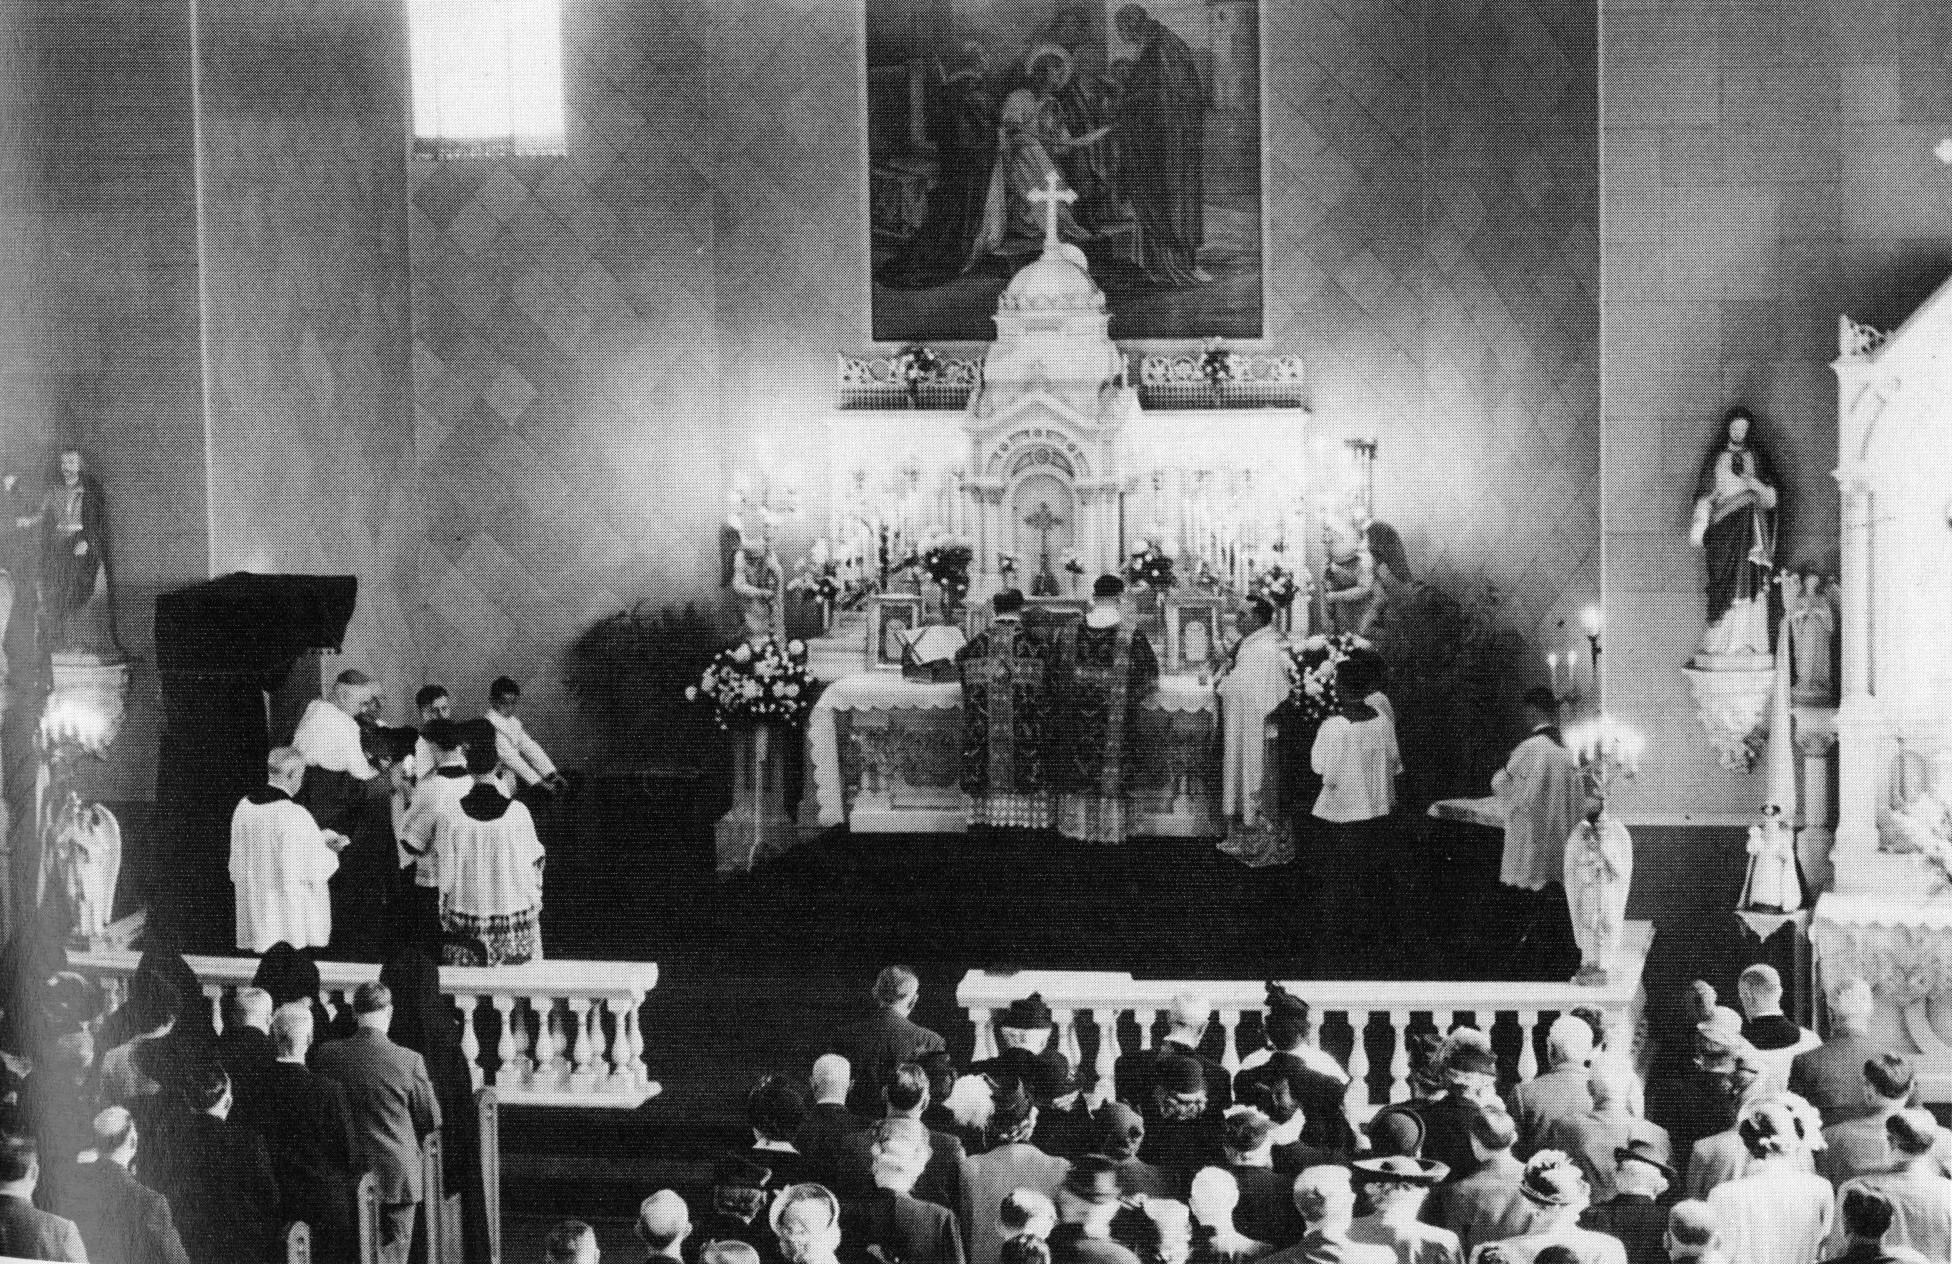 Interior of St. Louis Church, c. 1940s.